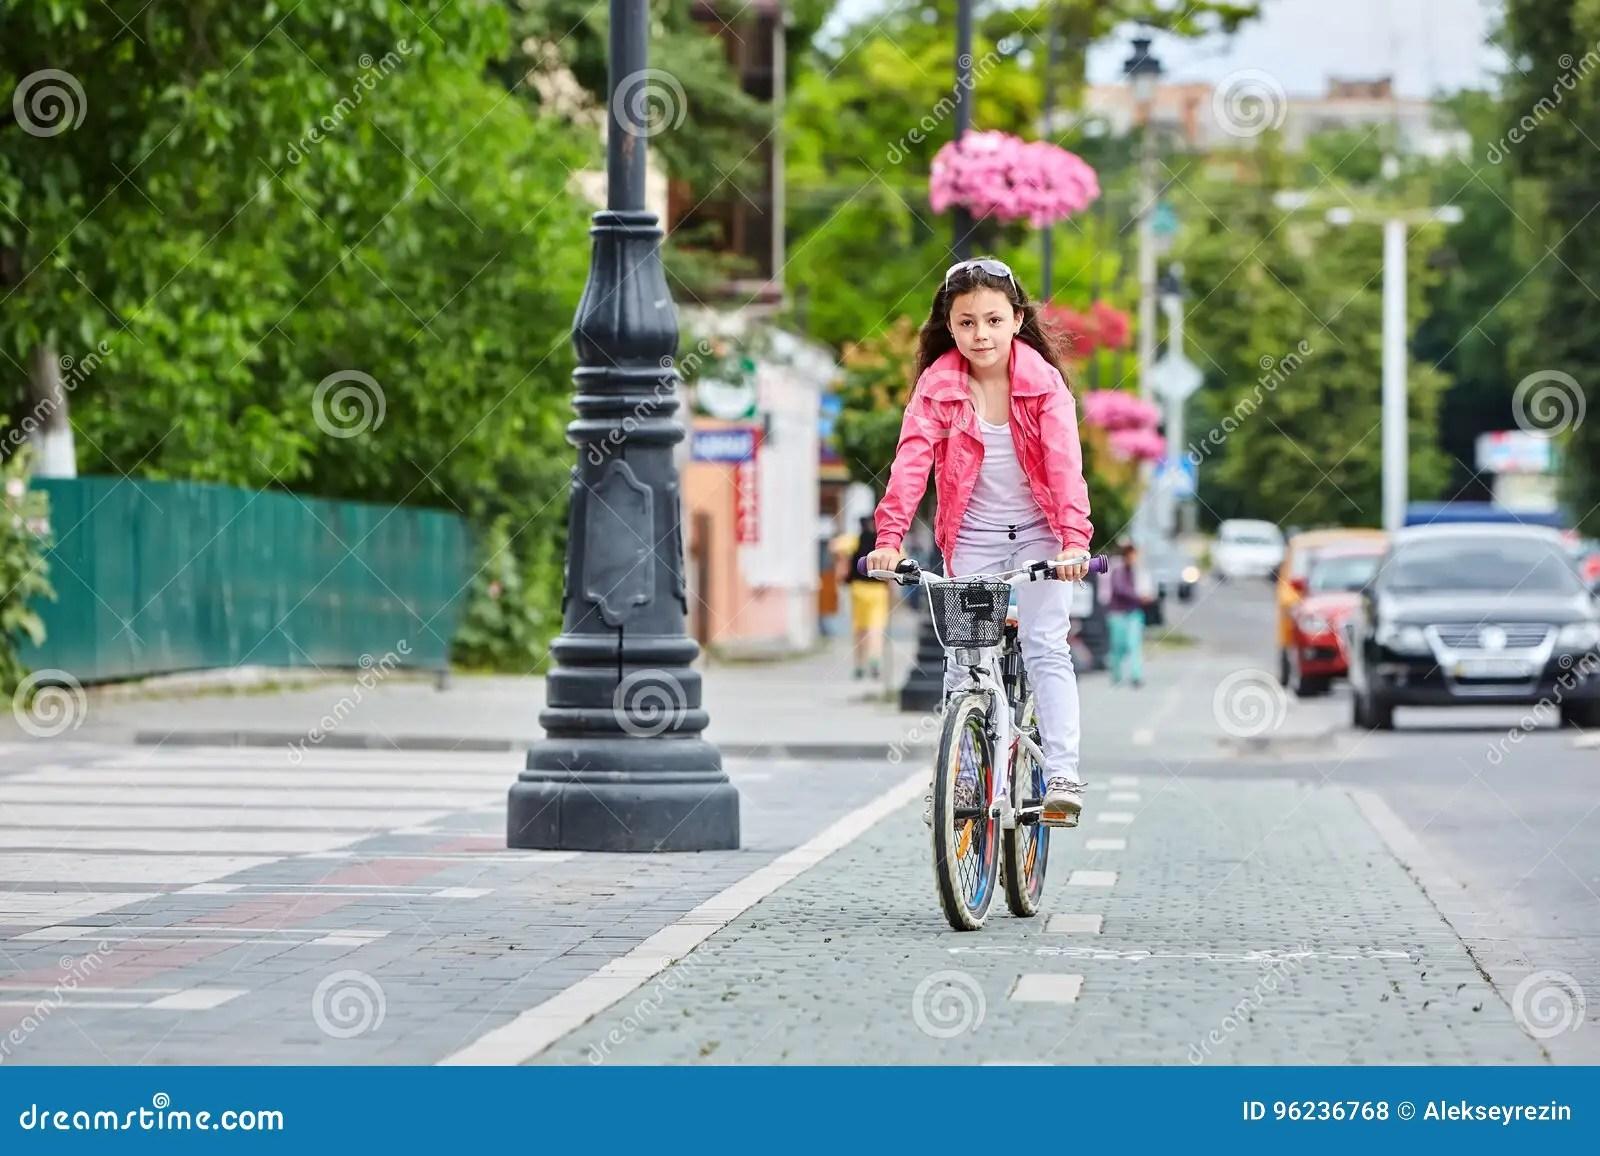 Cute Kid In Safety Helmet Biking Outdoors Little Girl On